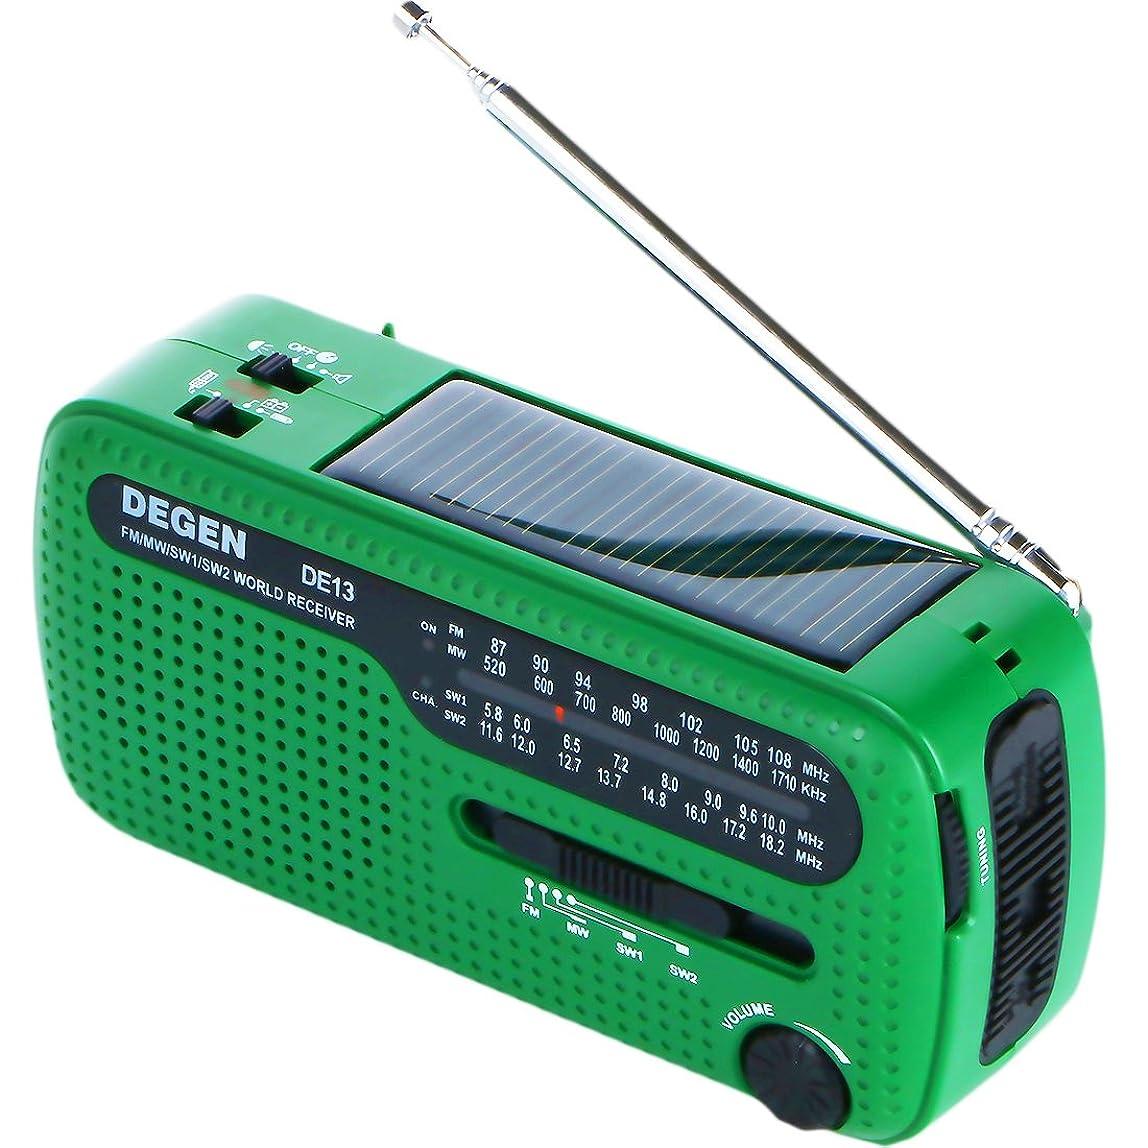 裏切る割り当てる緑DEGEN DE13 4バンド防災ラジオ +予備バッテリーセット ソーラーバッテリー&手回し発電 ポータブルBCL受信機 FM/AM/SW 災害時向けワールドバンドレシーバー 大型ソーラーパネル搭載 単4乾電池対応 3連ハイパワーLEDライト 携帯電話やスマホを充電可能なUSB給電機能 非常用 アウトドア向け